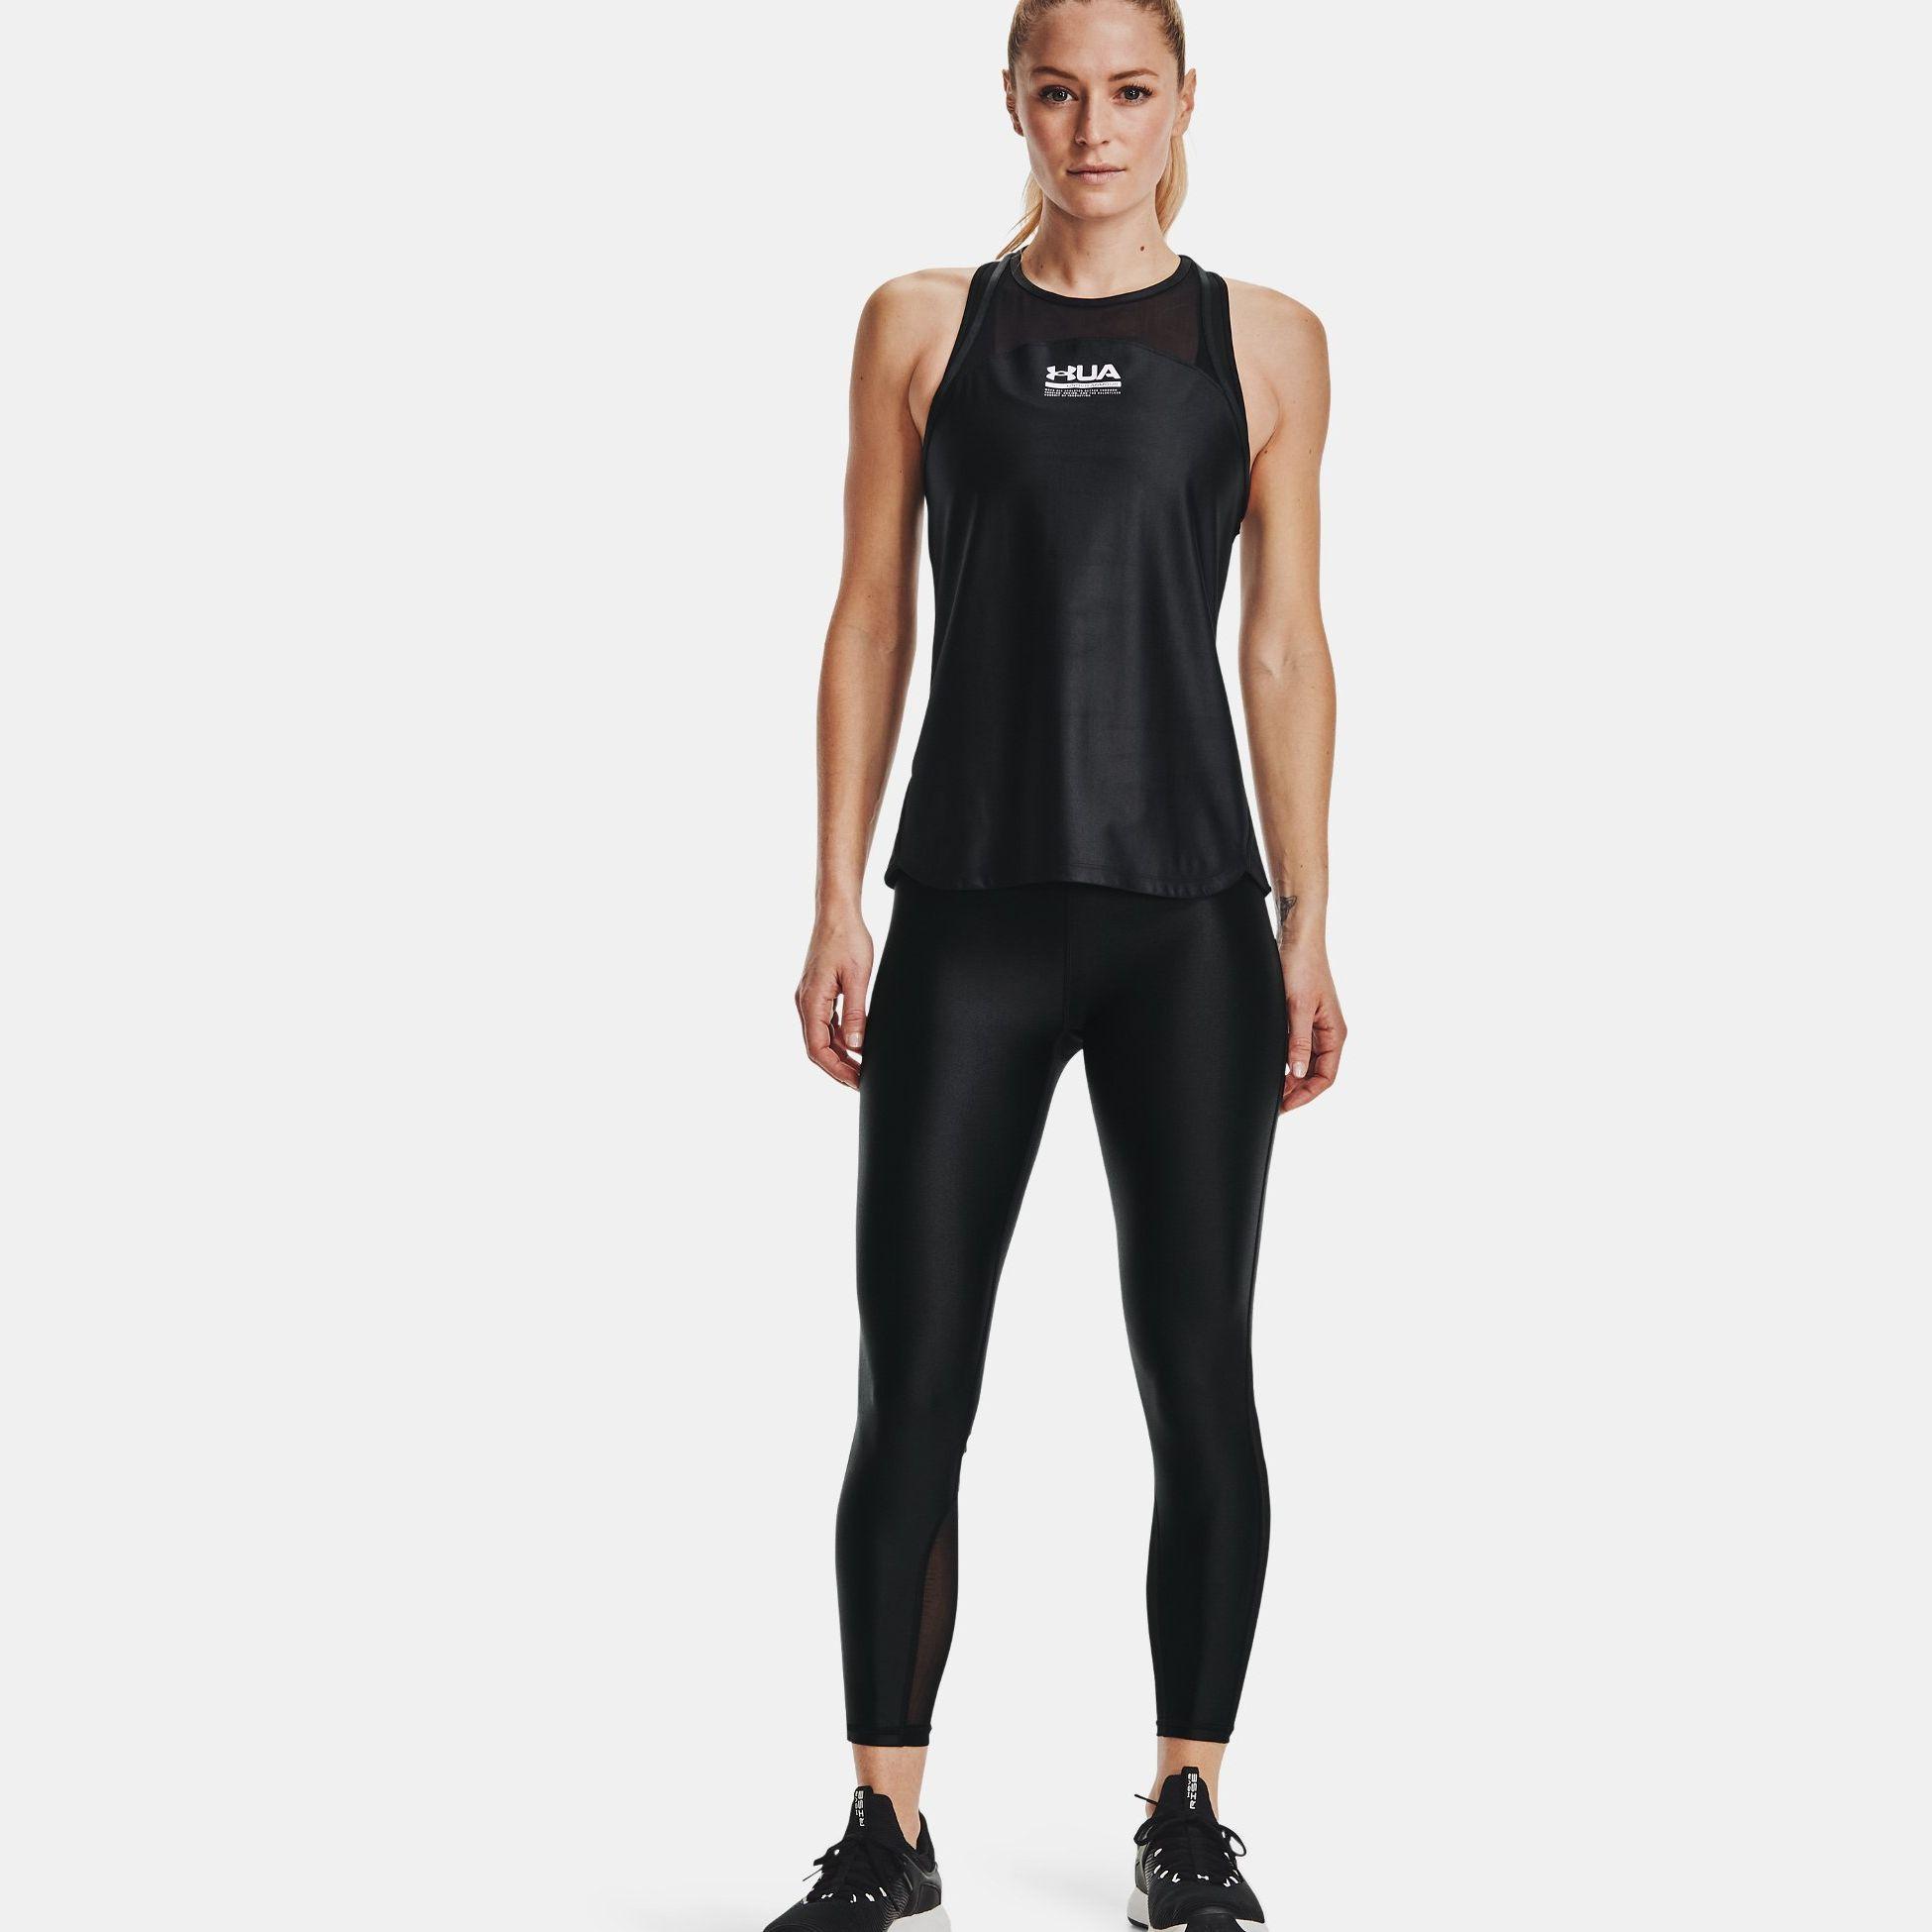 Îmbrăcăminte -  under armour Iso-Chill Ankle Leggings